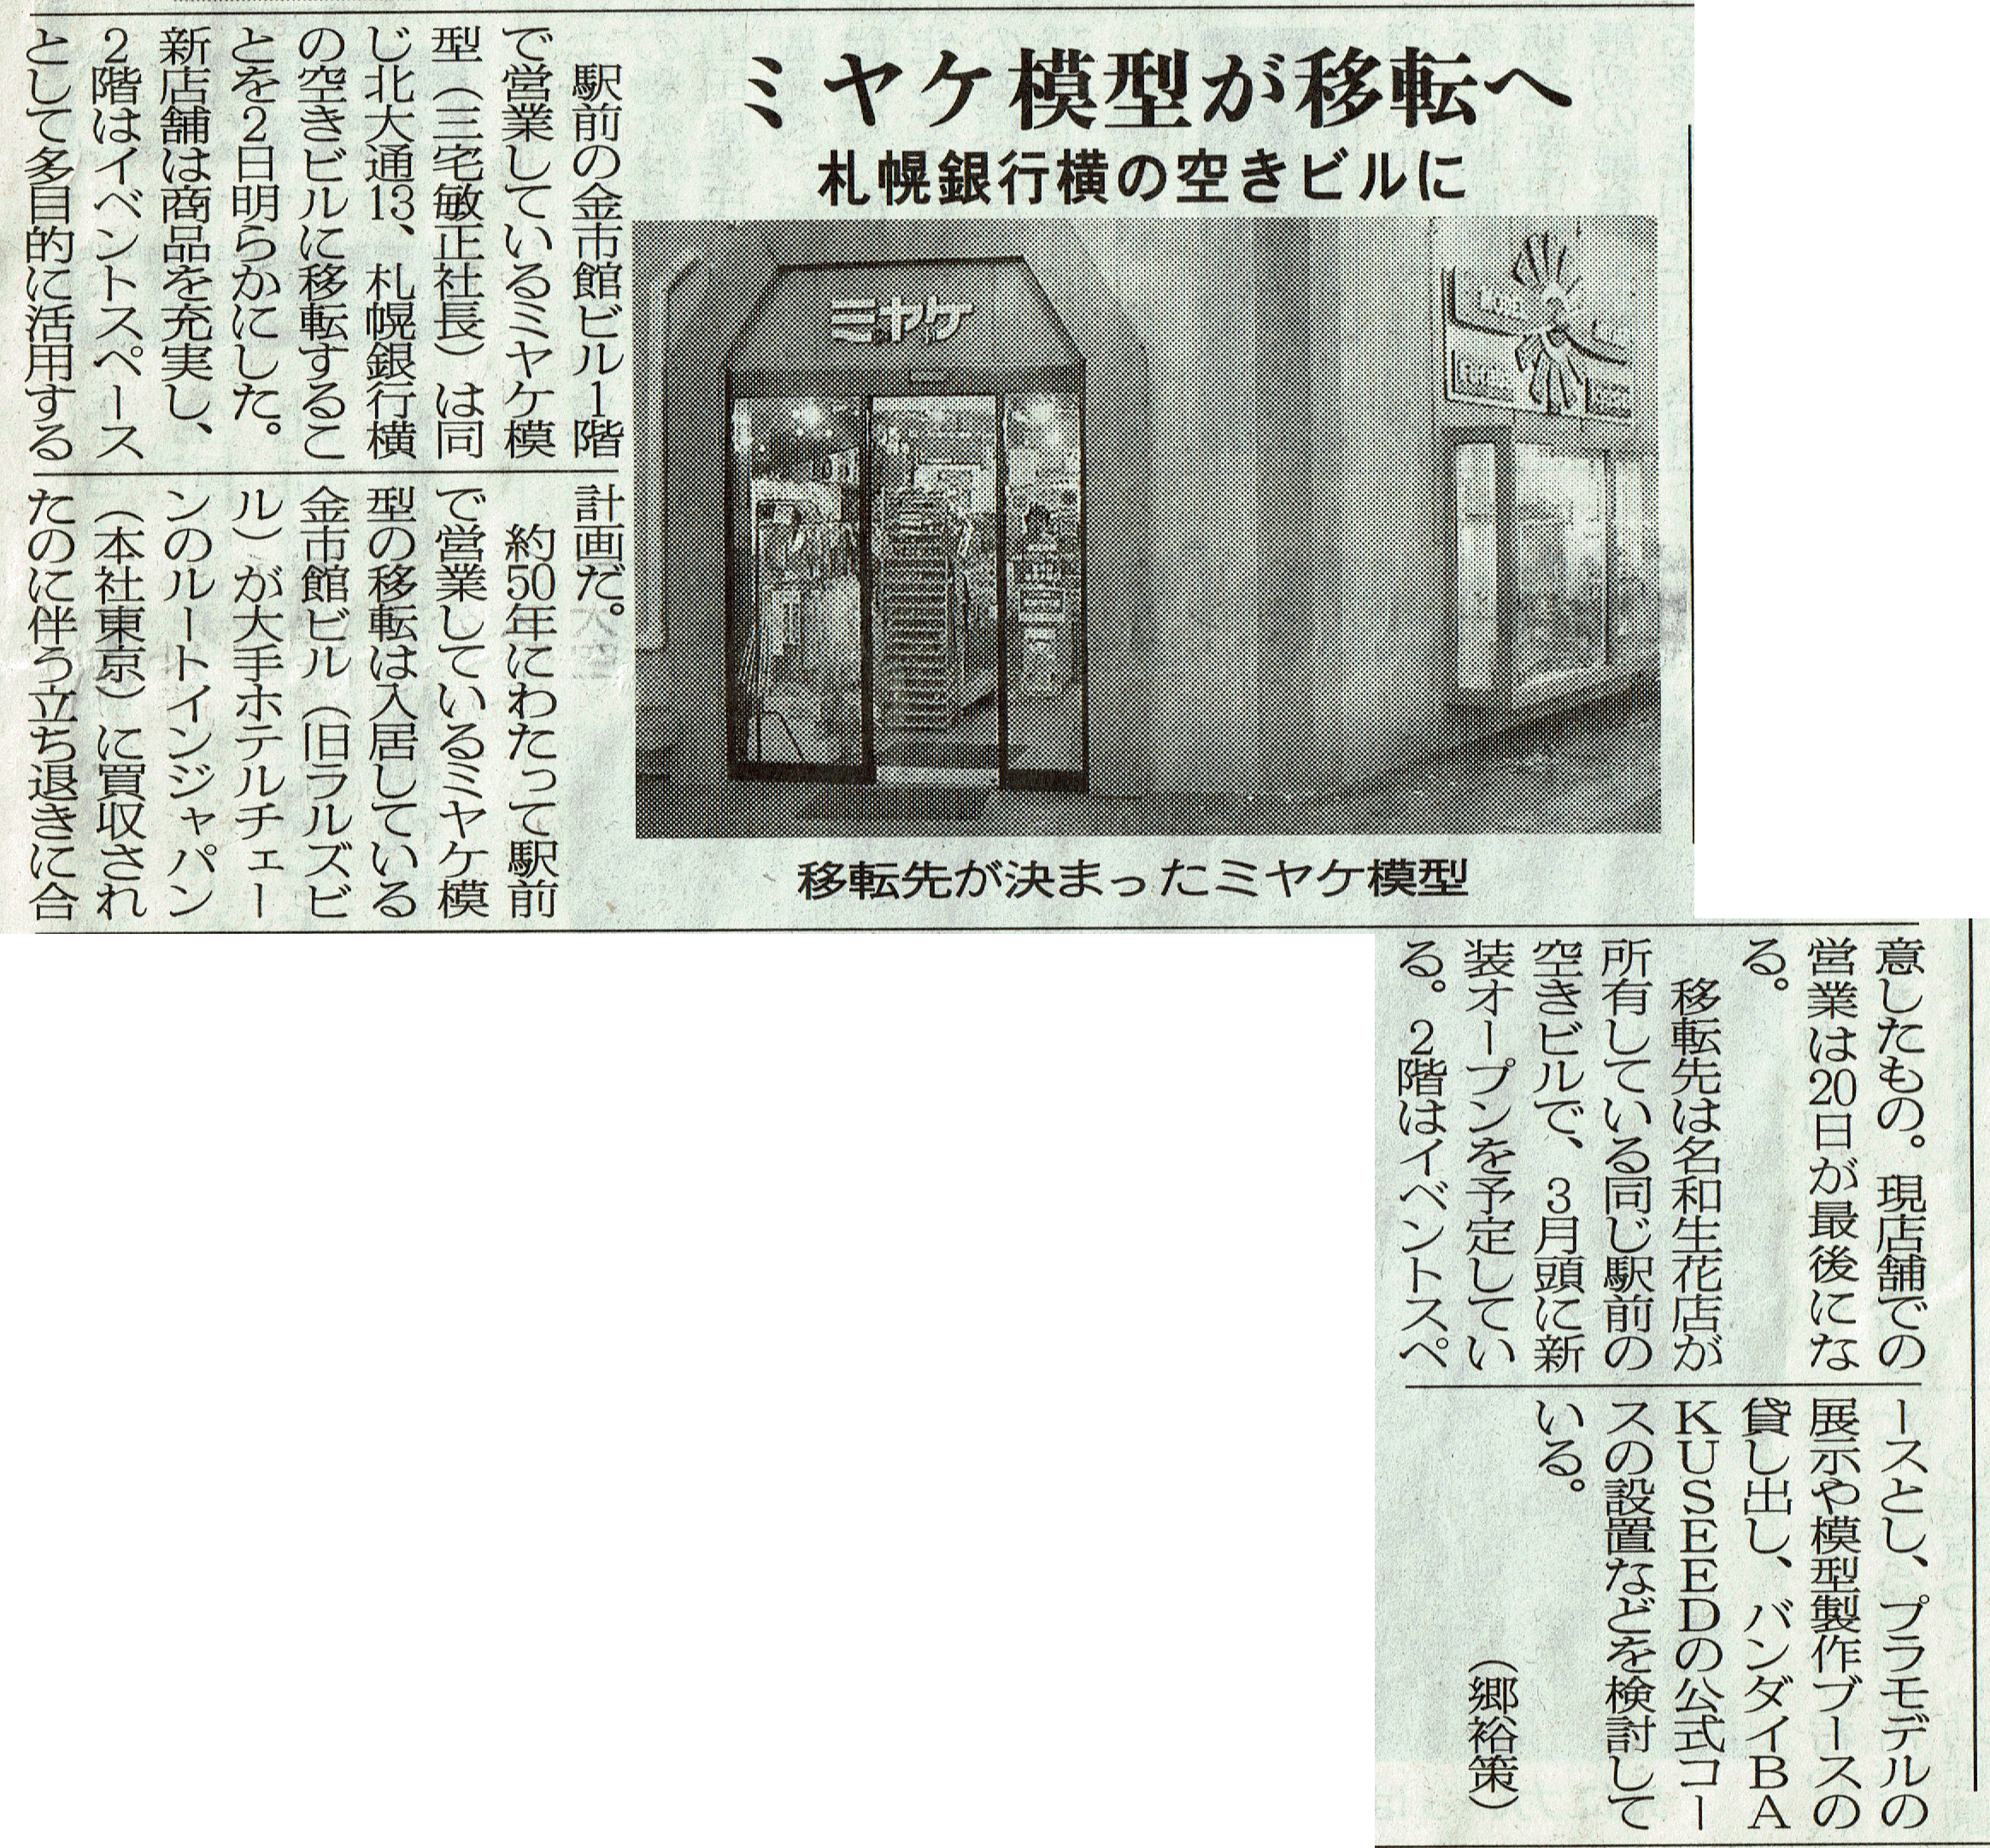 2005-2-4釧路新聞